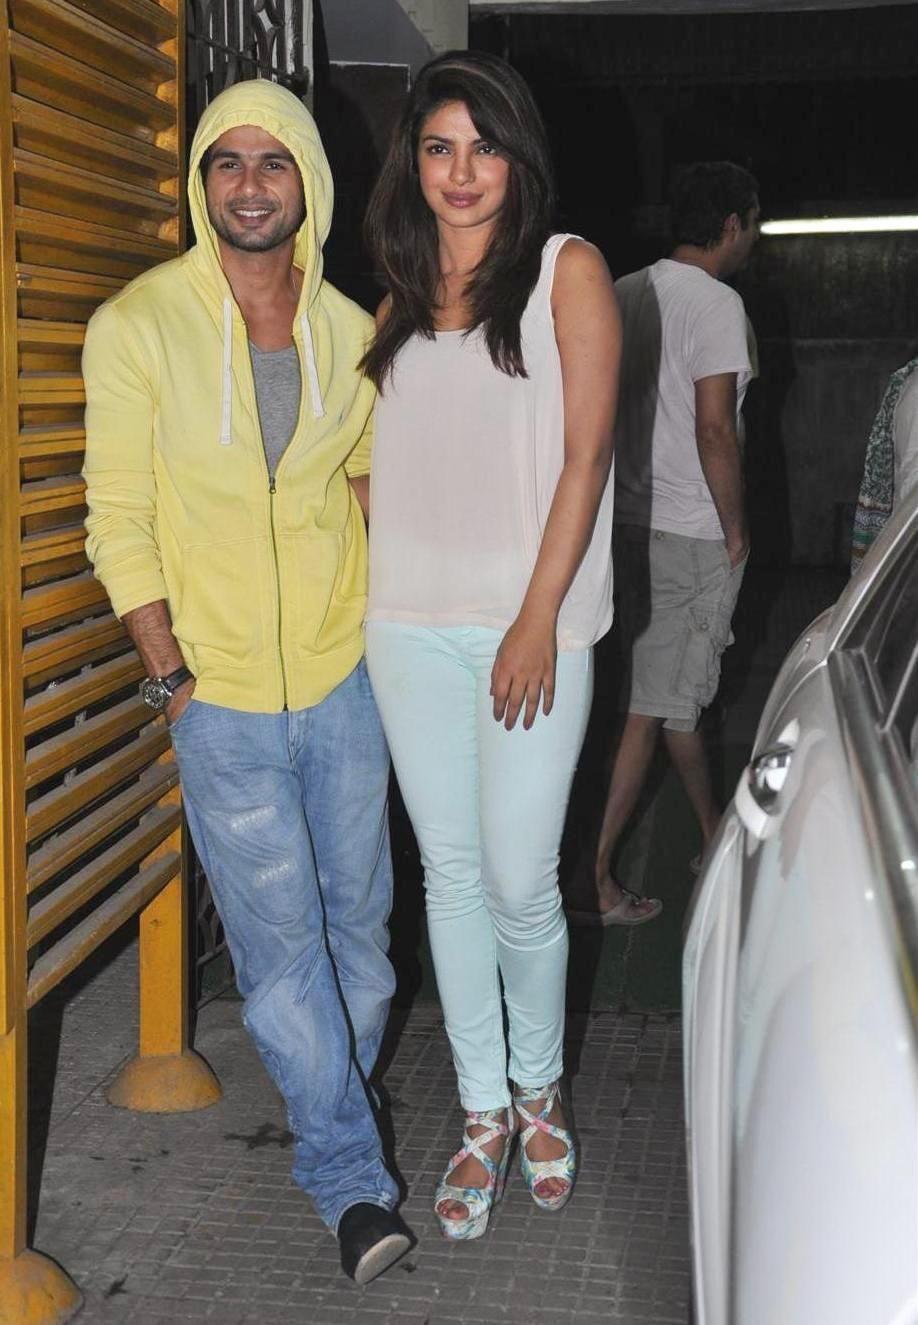 priyanka chopra affair with Shahid Kapoor